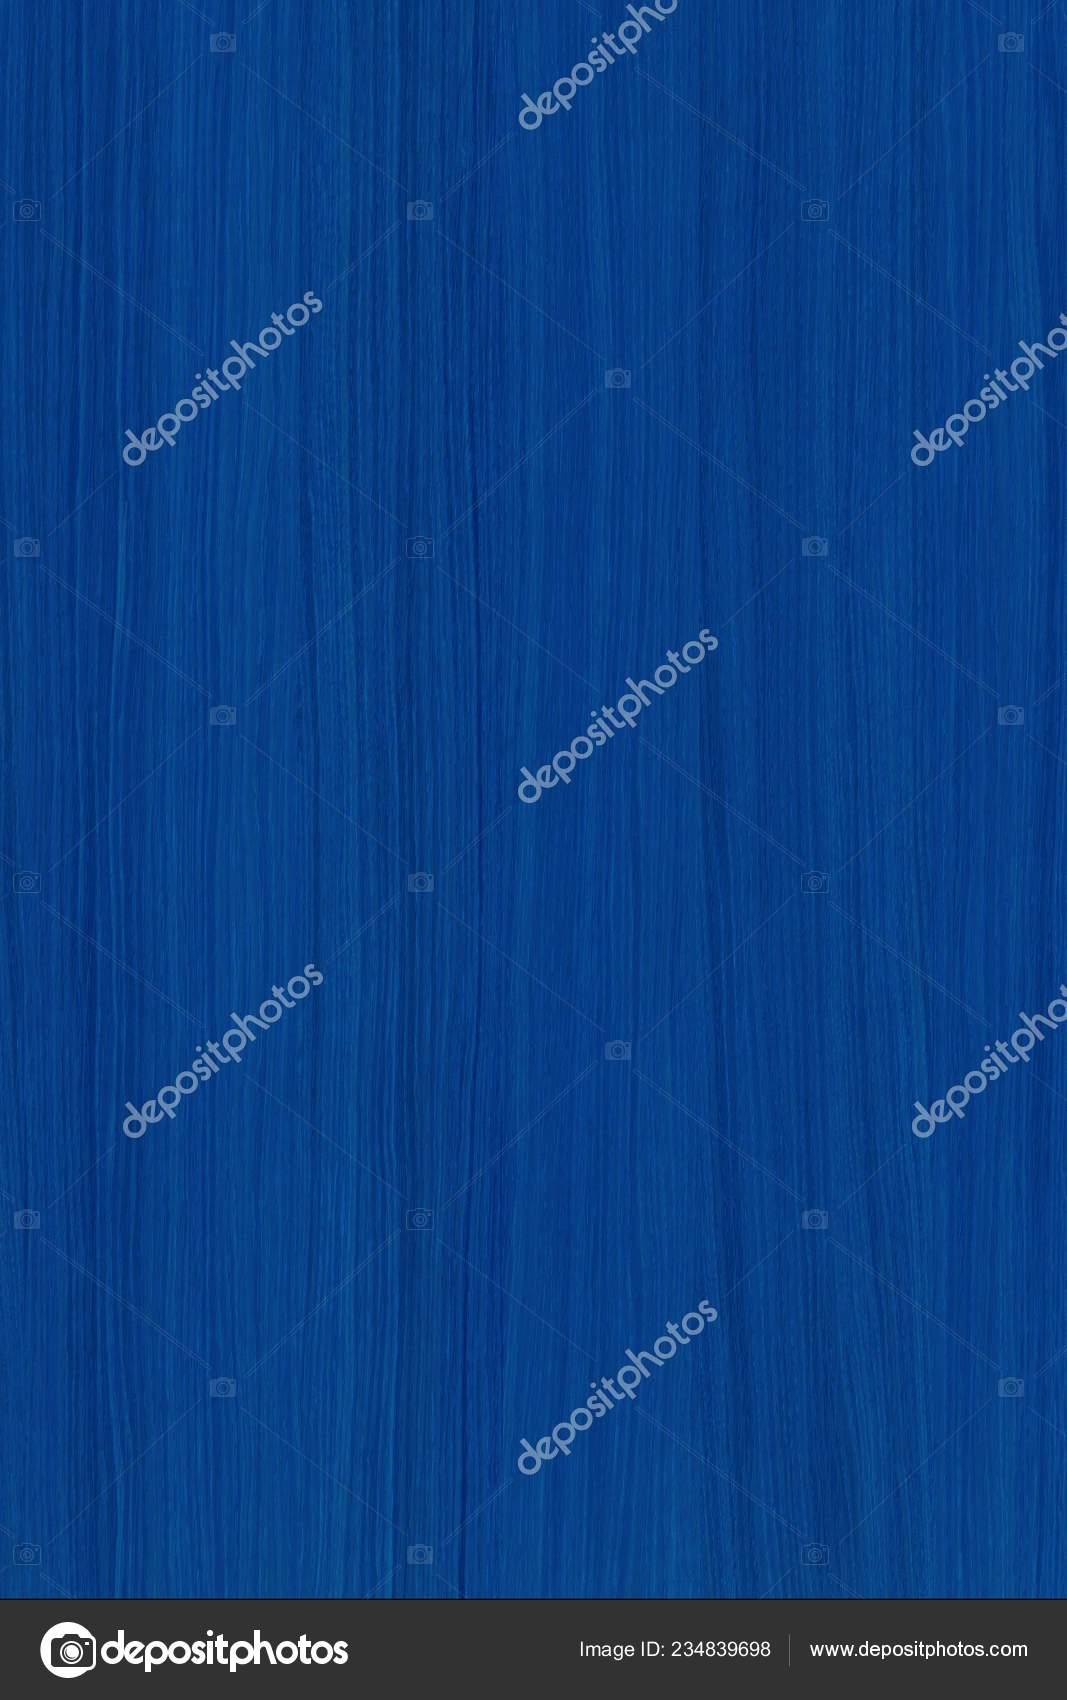 樫の木の木材木材木製の壁紙背景構造テクスチャ背景 ストック写真